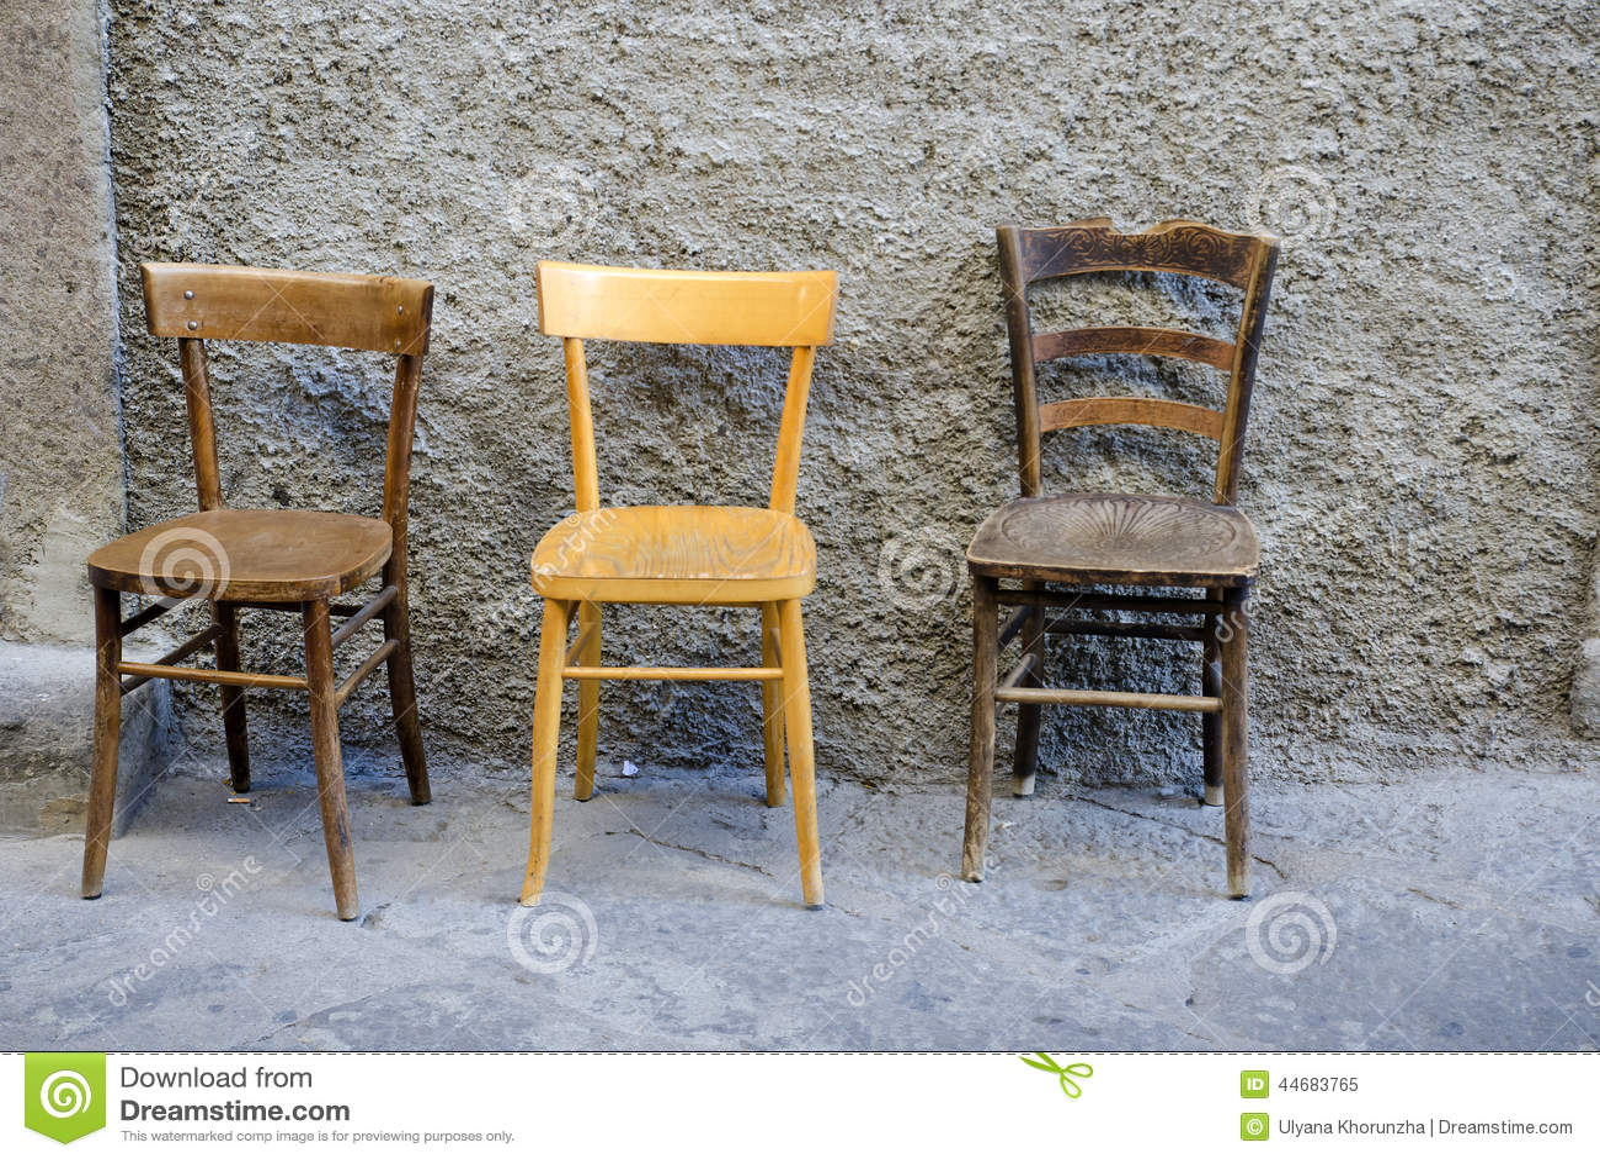 Vieilles chaises en bois d 39 arbre image stock image 44683765 for Vieille chaise en bois